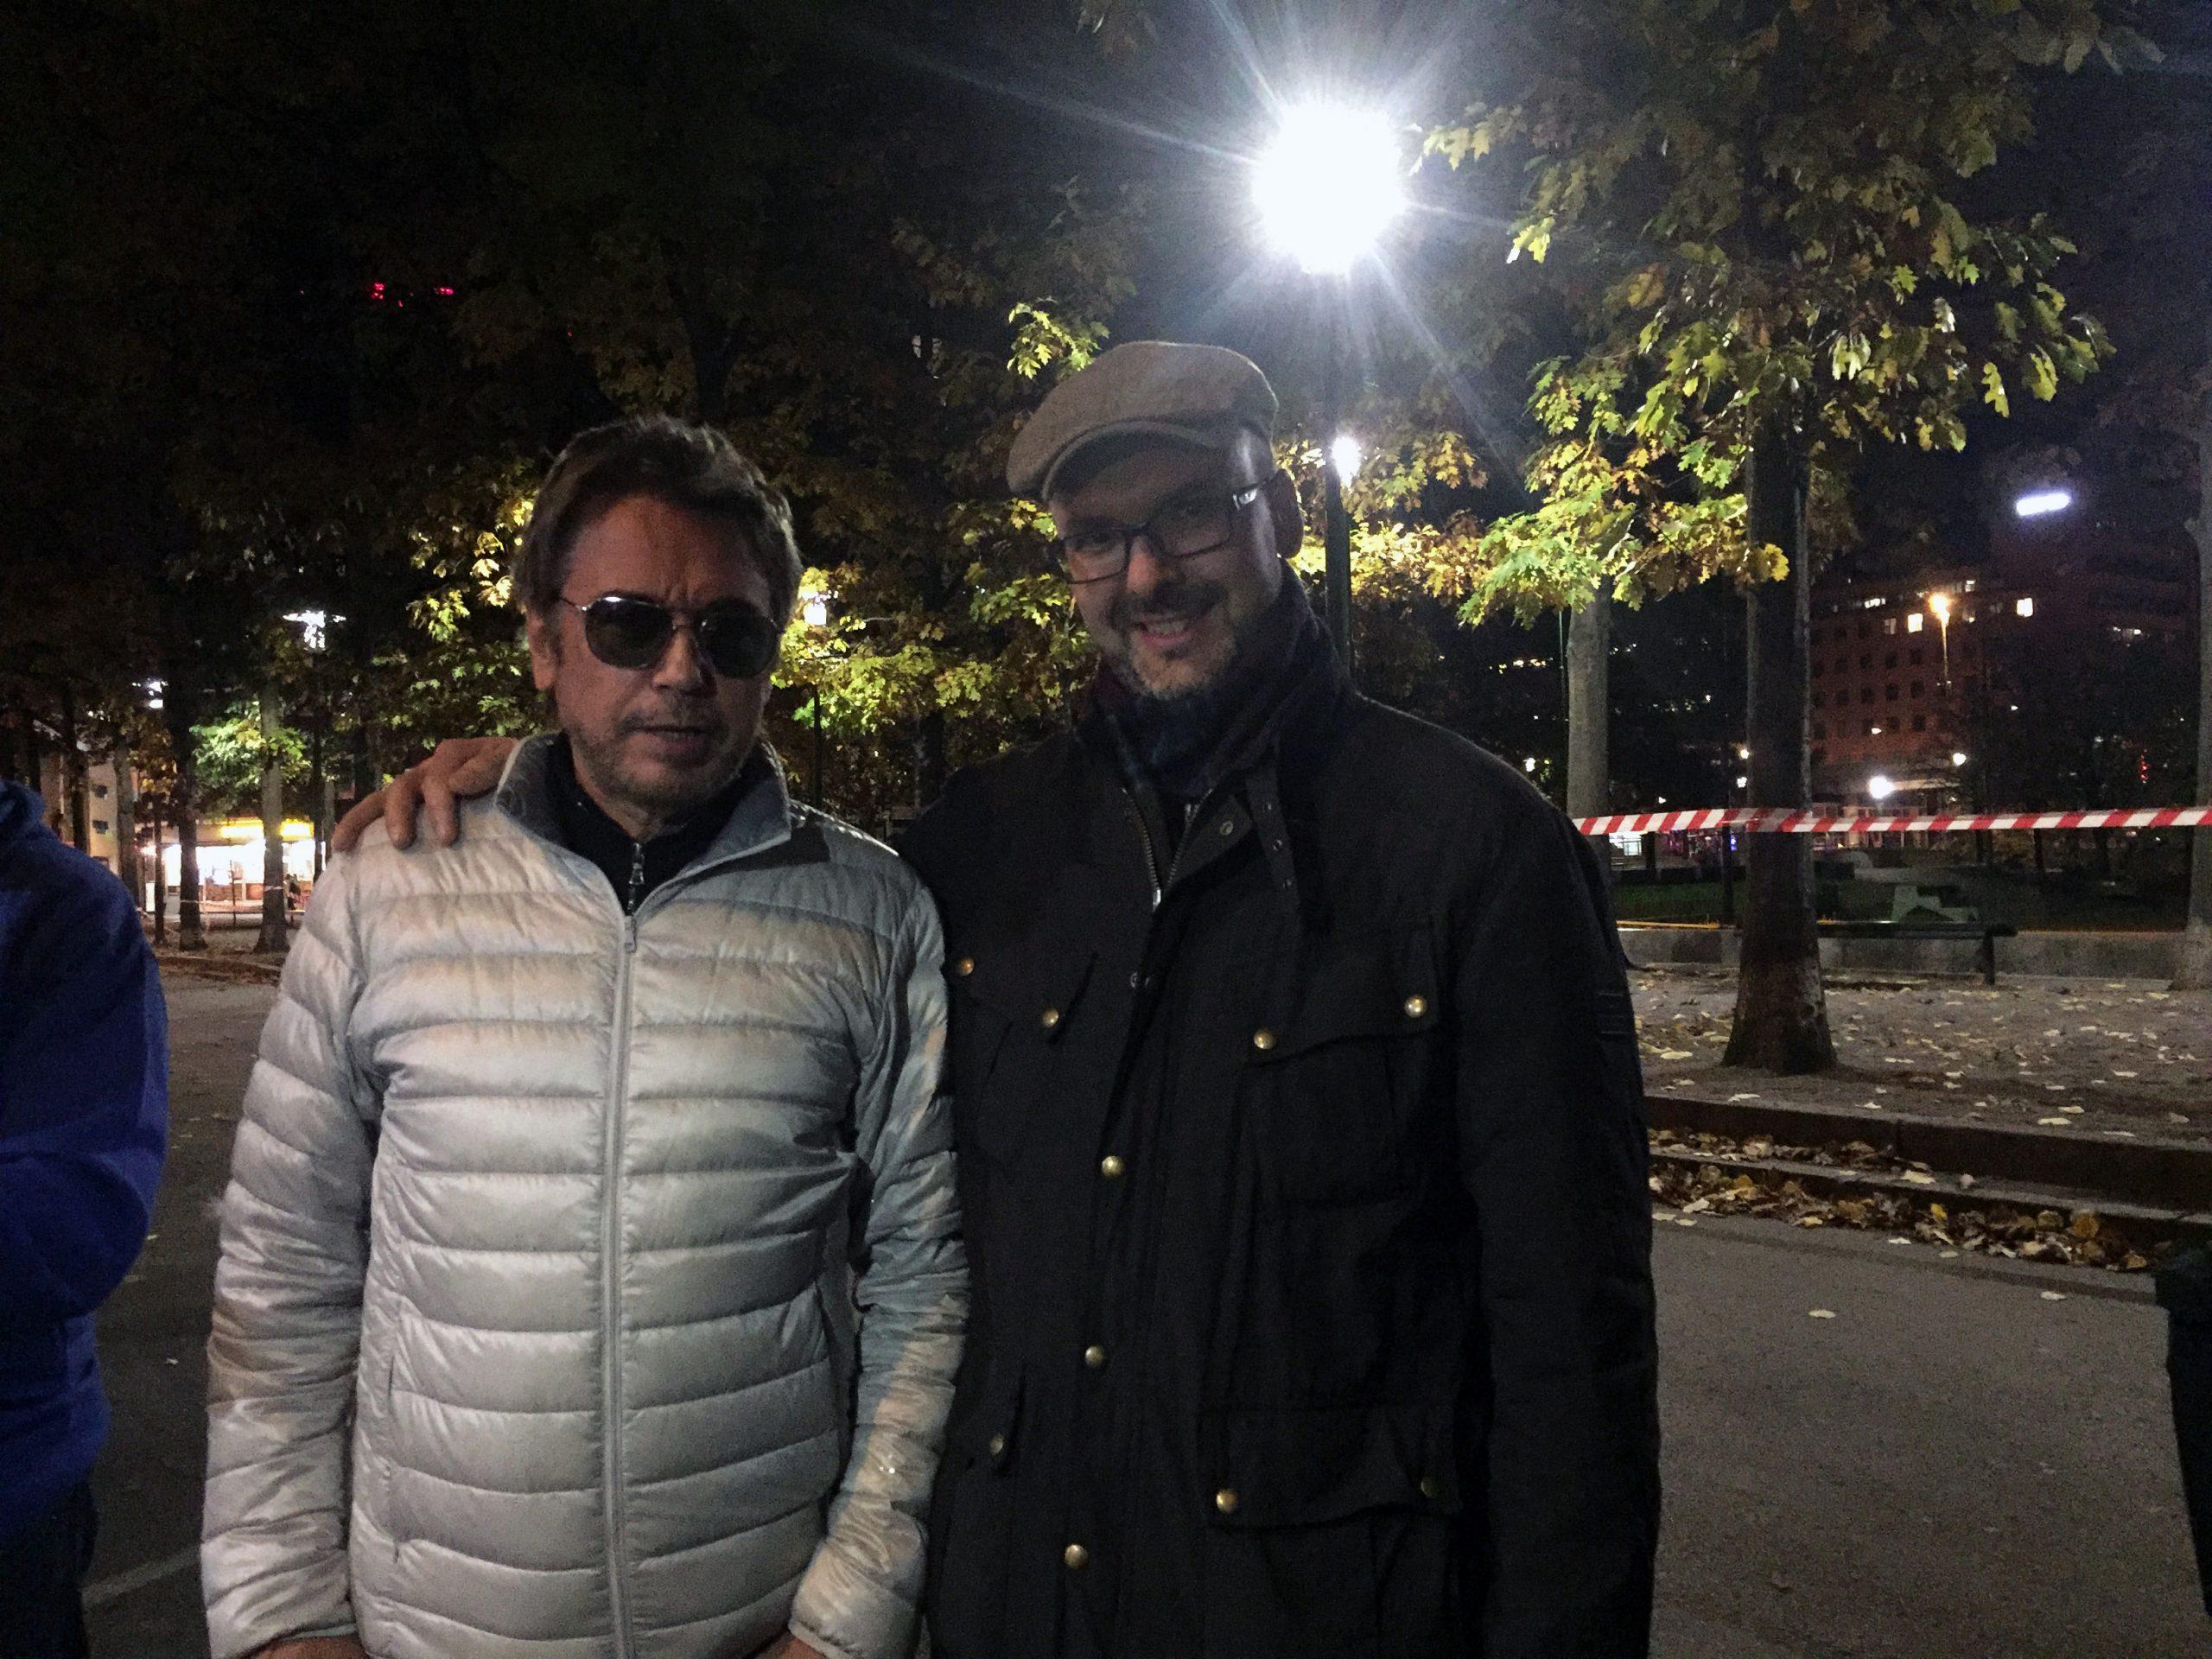 FORNYELSE: Jeg har fulgt med på Jean-Michel Jarre (t.v.) siden 1988, men mistet etterhvert interessen på begynnelsen av 2000-tallet. Høstens konsert i Oslo Spektrum bekreftet Jarre som den mest nytenkende konsertartisten vi har. Foto: Privat